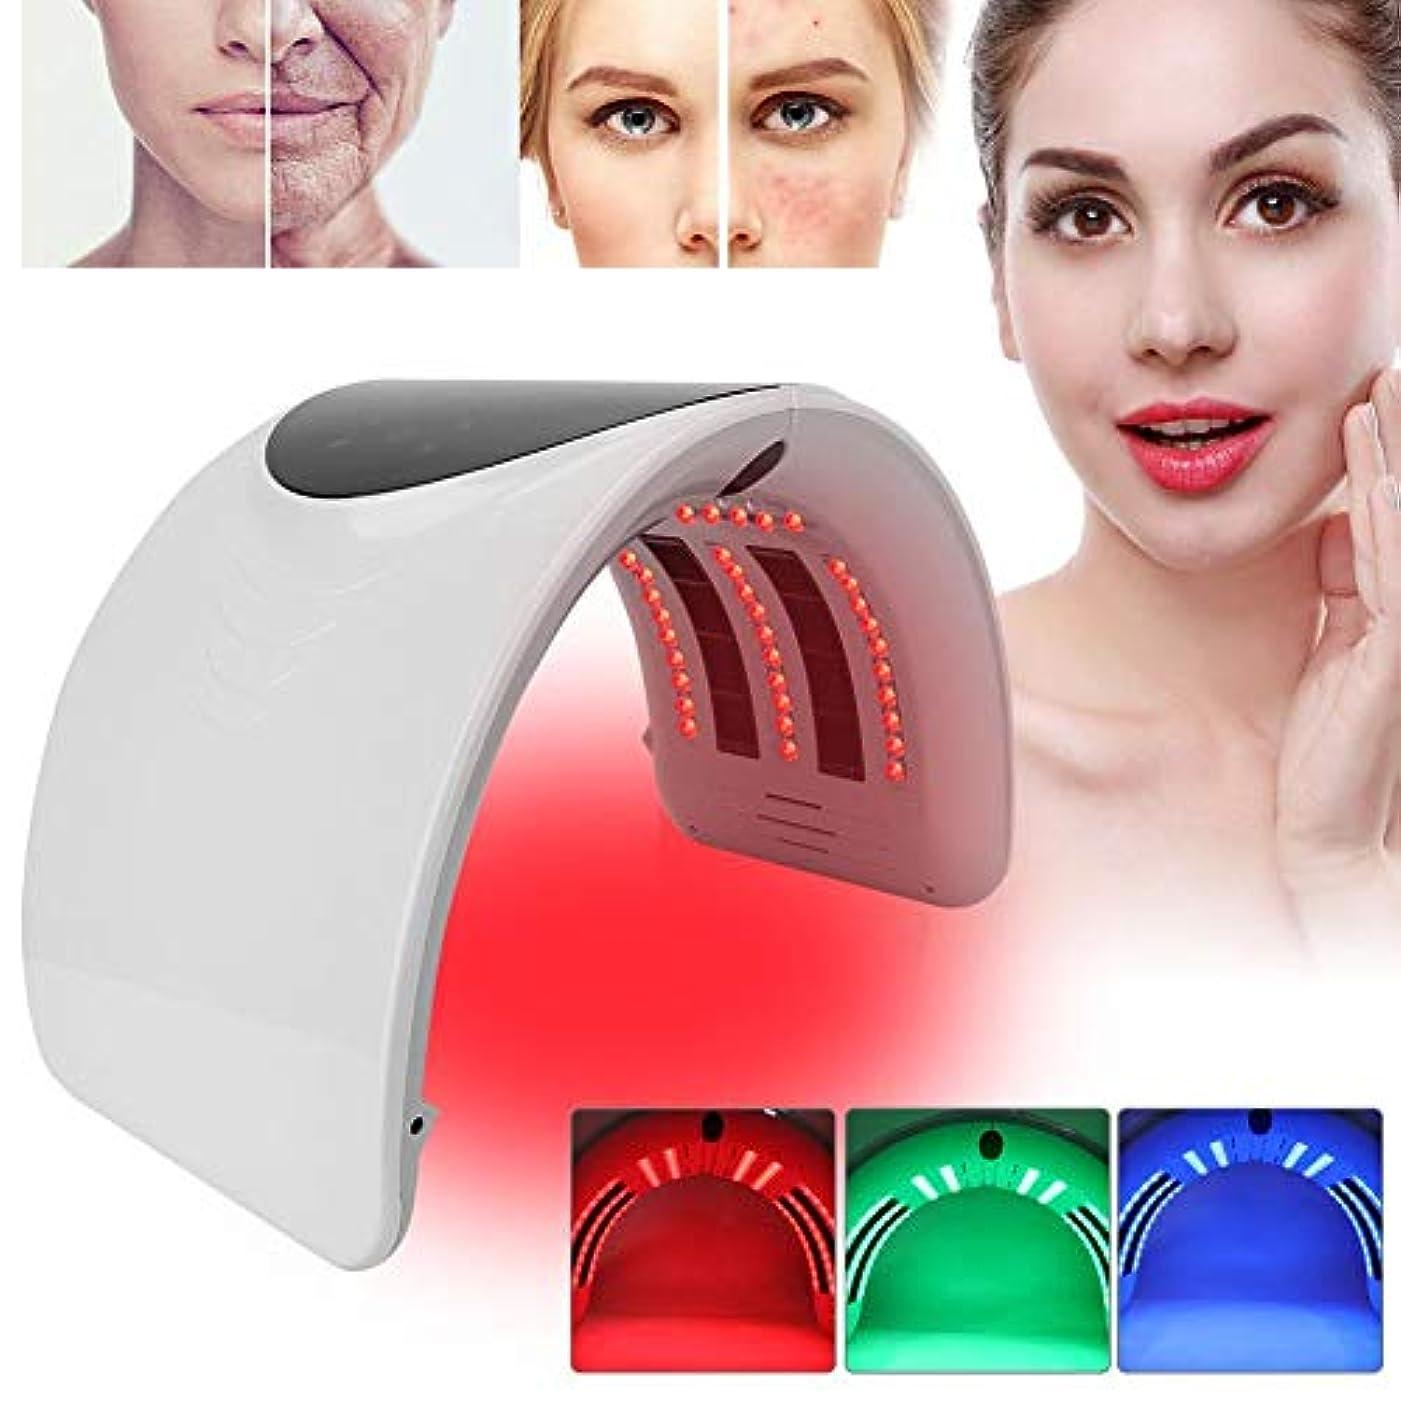 句読点花瓶枠PDTの軽い療法の美顔術機械、6色の新しい折り畳み式アクネの取り外しのスキンケアの処置機械(01)